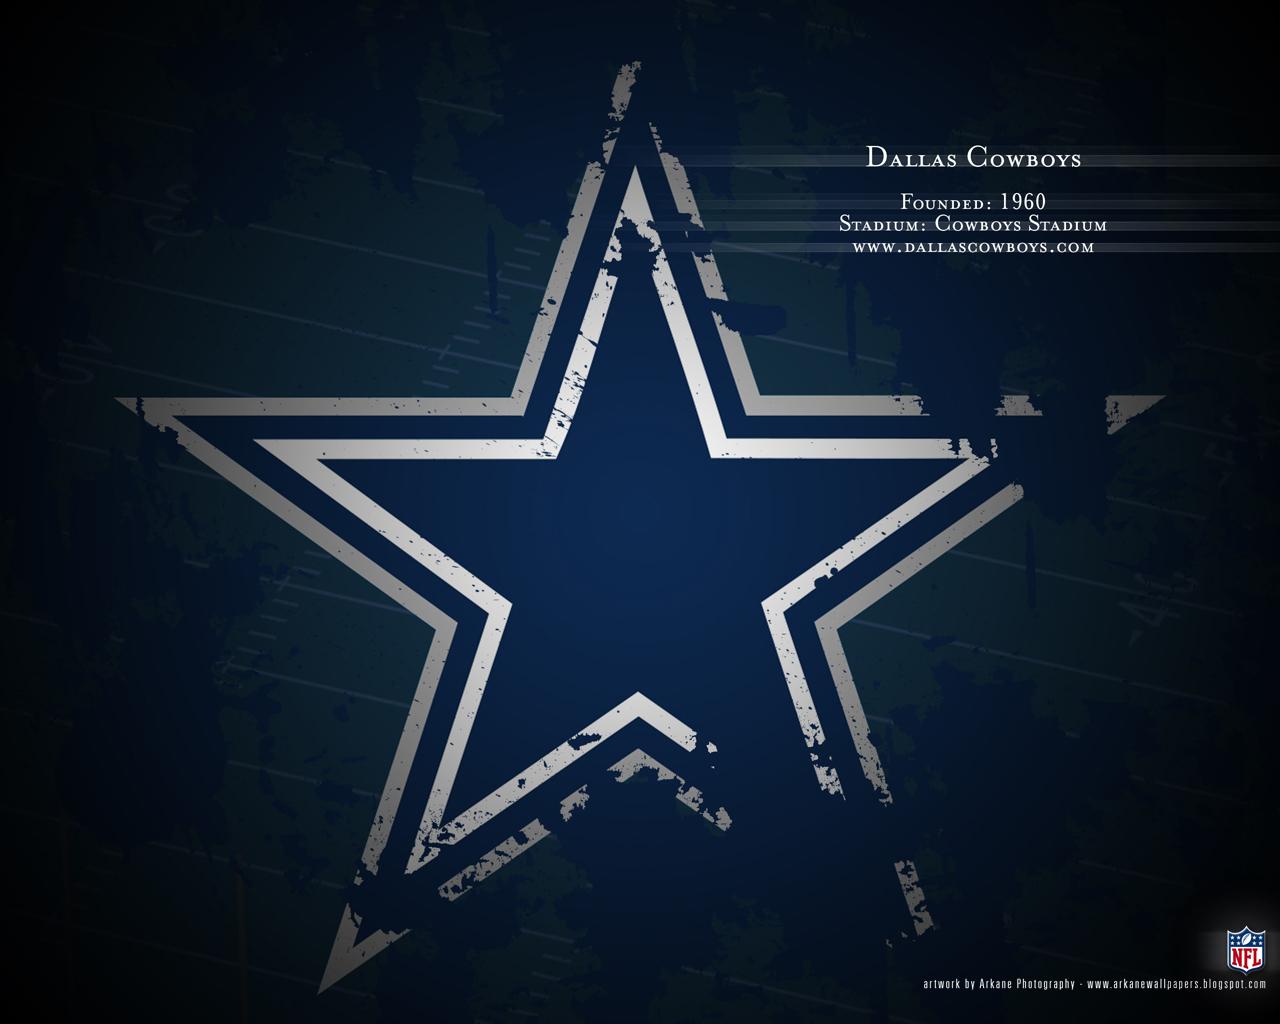 de Dallas Cowboys wallpaper Fondos de pantalla de Dallas Cowboys 1280x1024